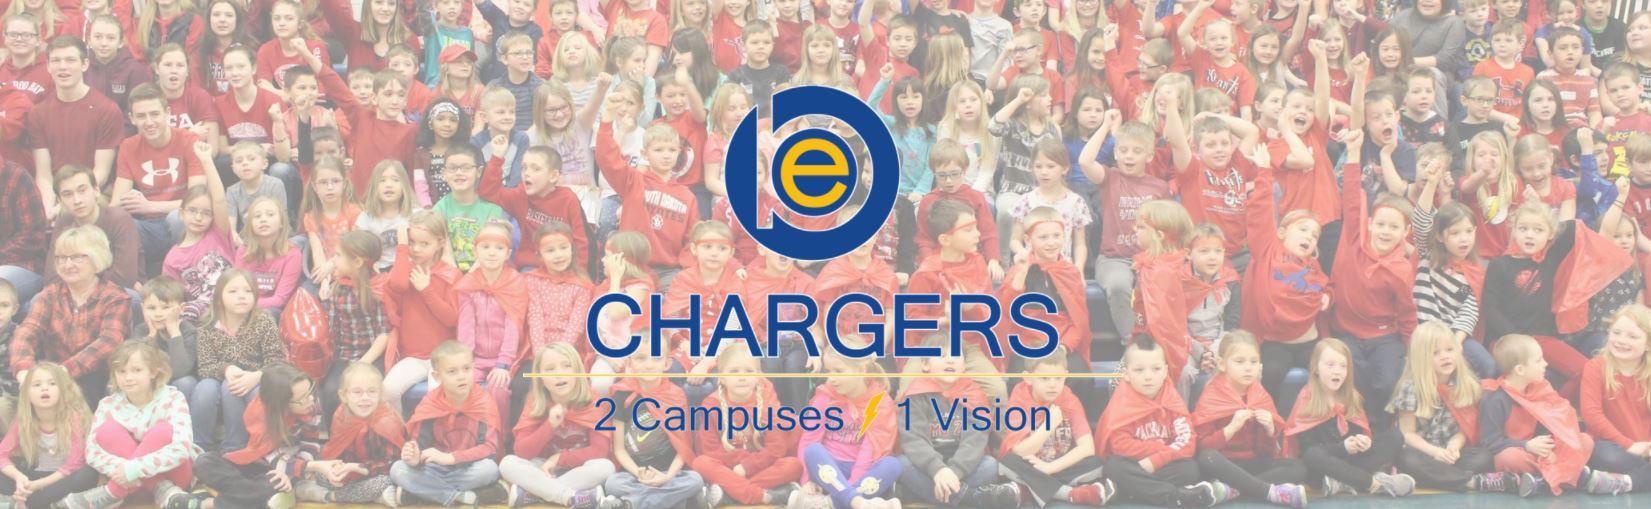 2 campus 1 vision